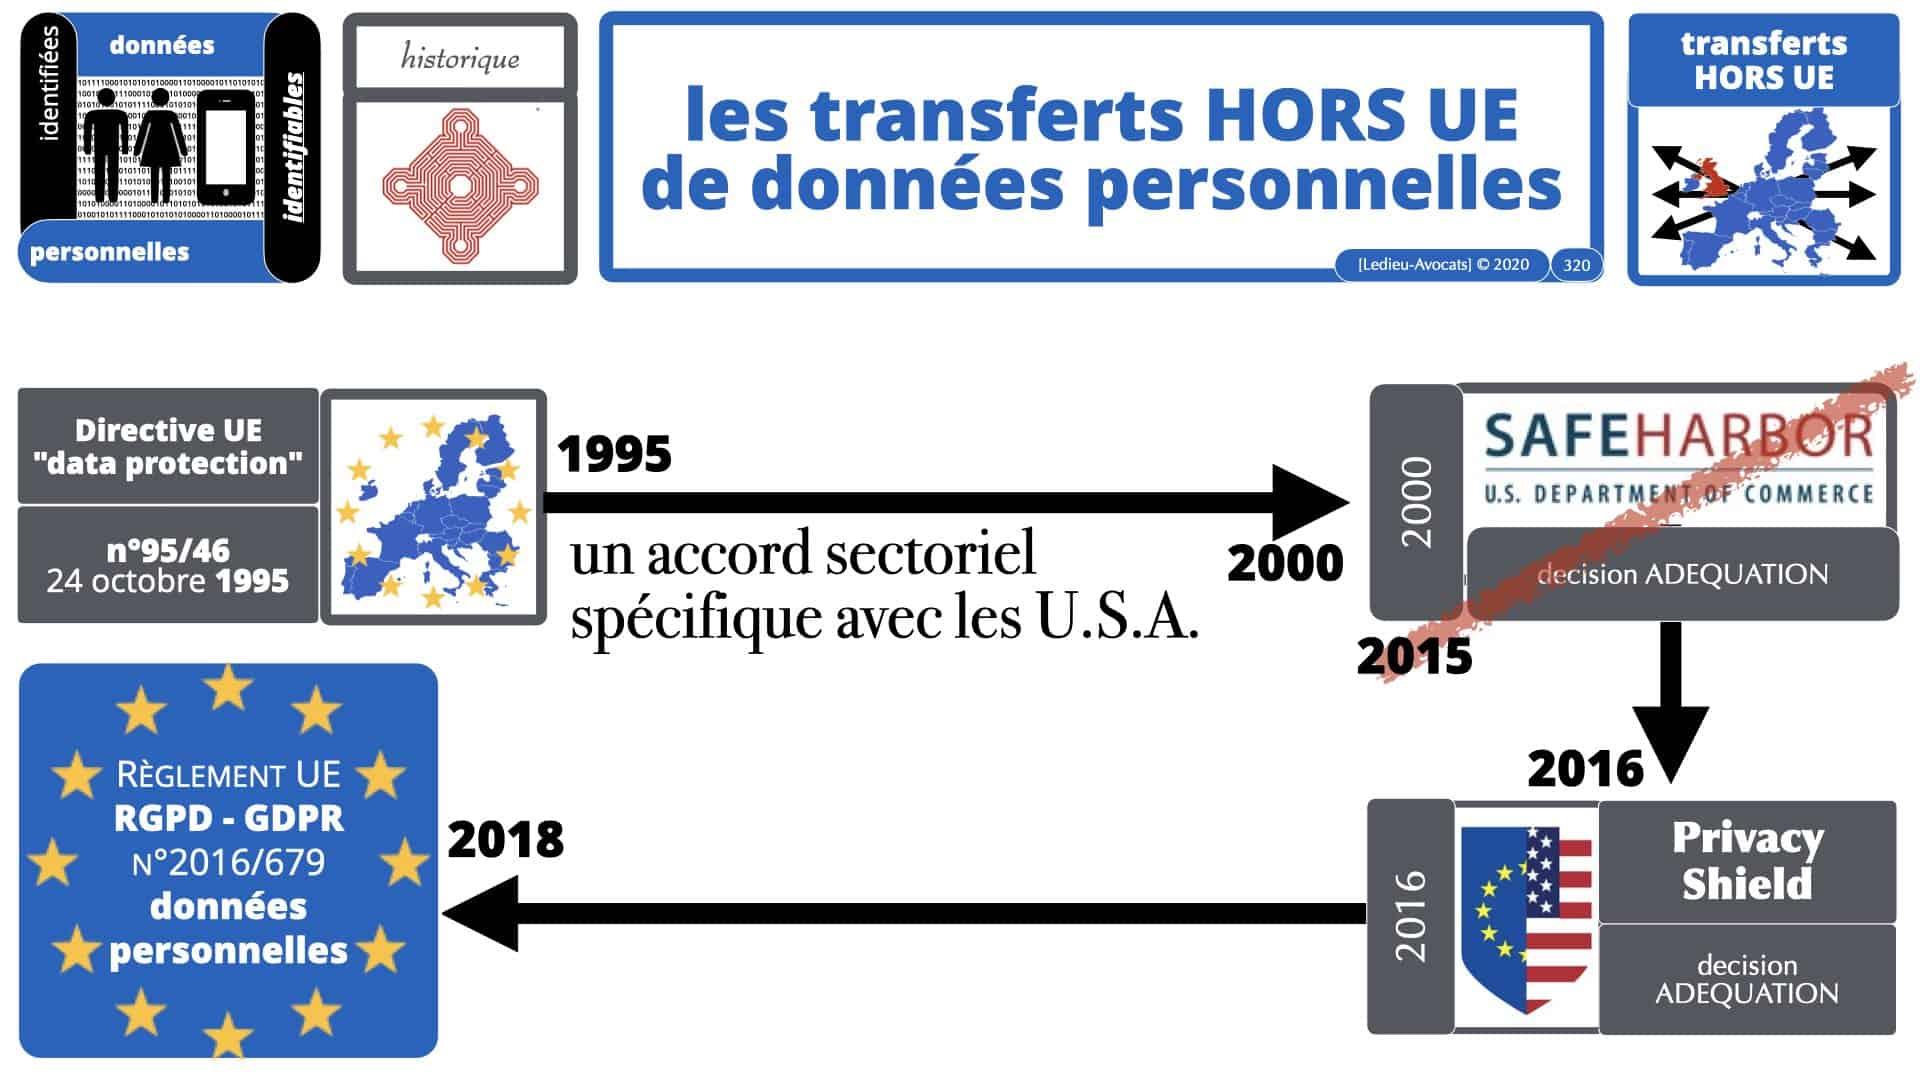 RGPD e-Privacy données personnelles jurisprudence formation Lamy Les Echos 10-02-2021 ©Ledieu-Avocats.320